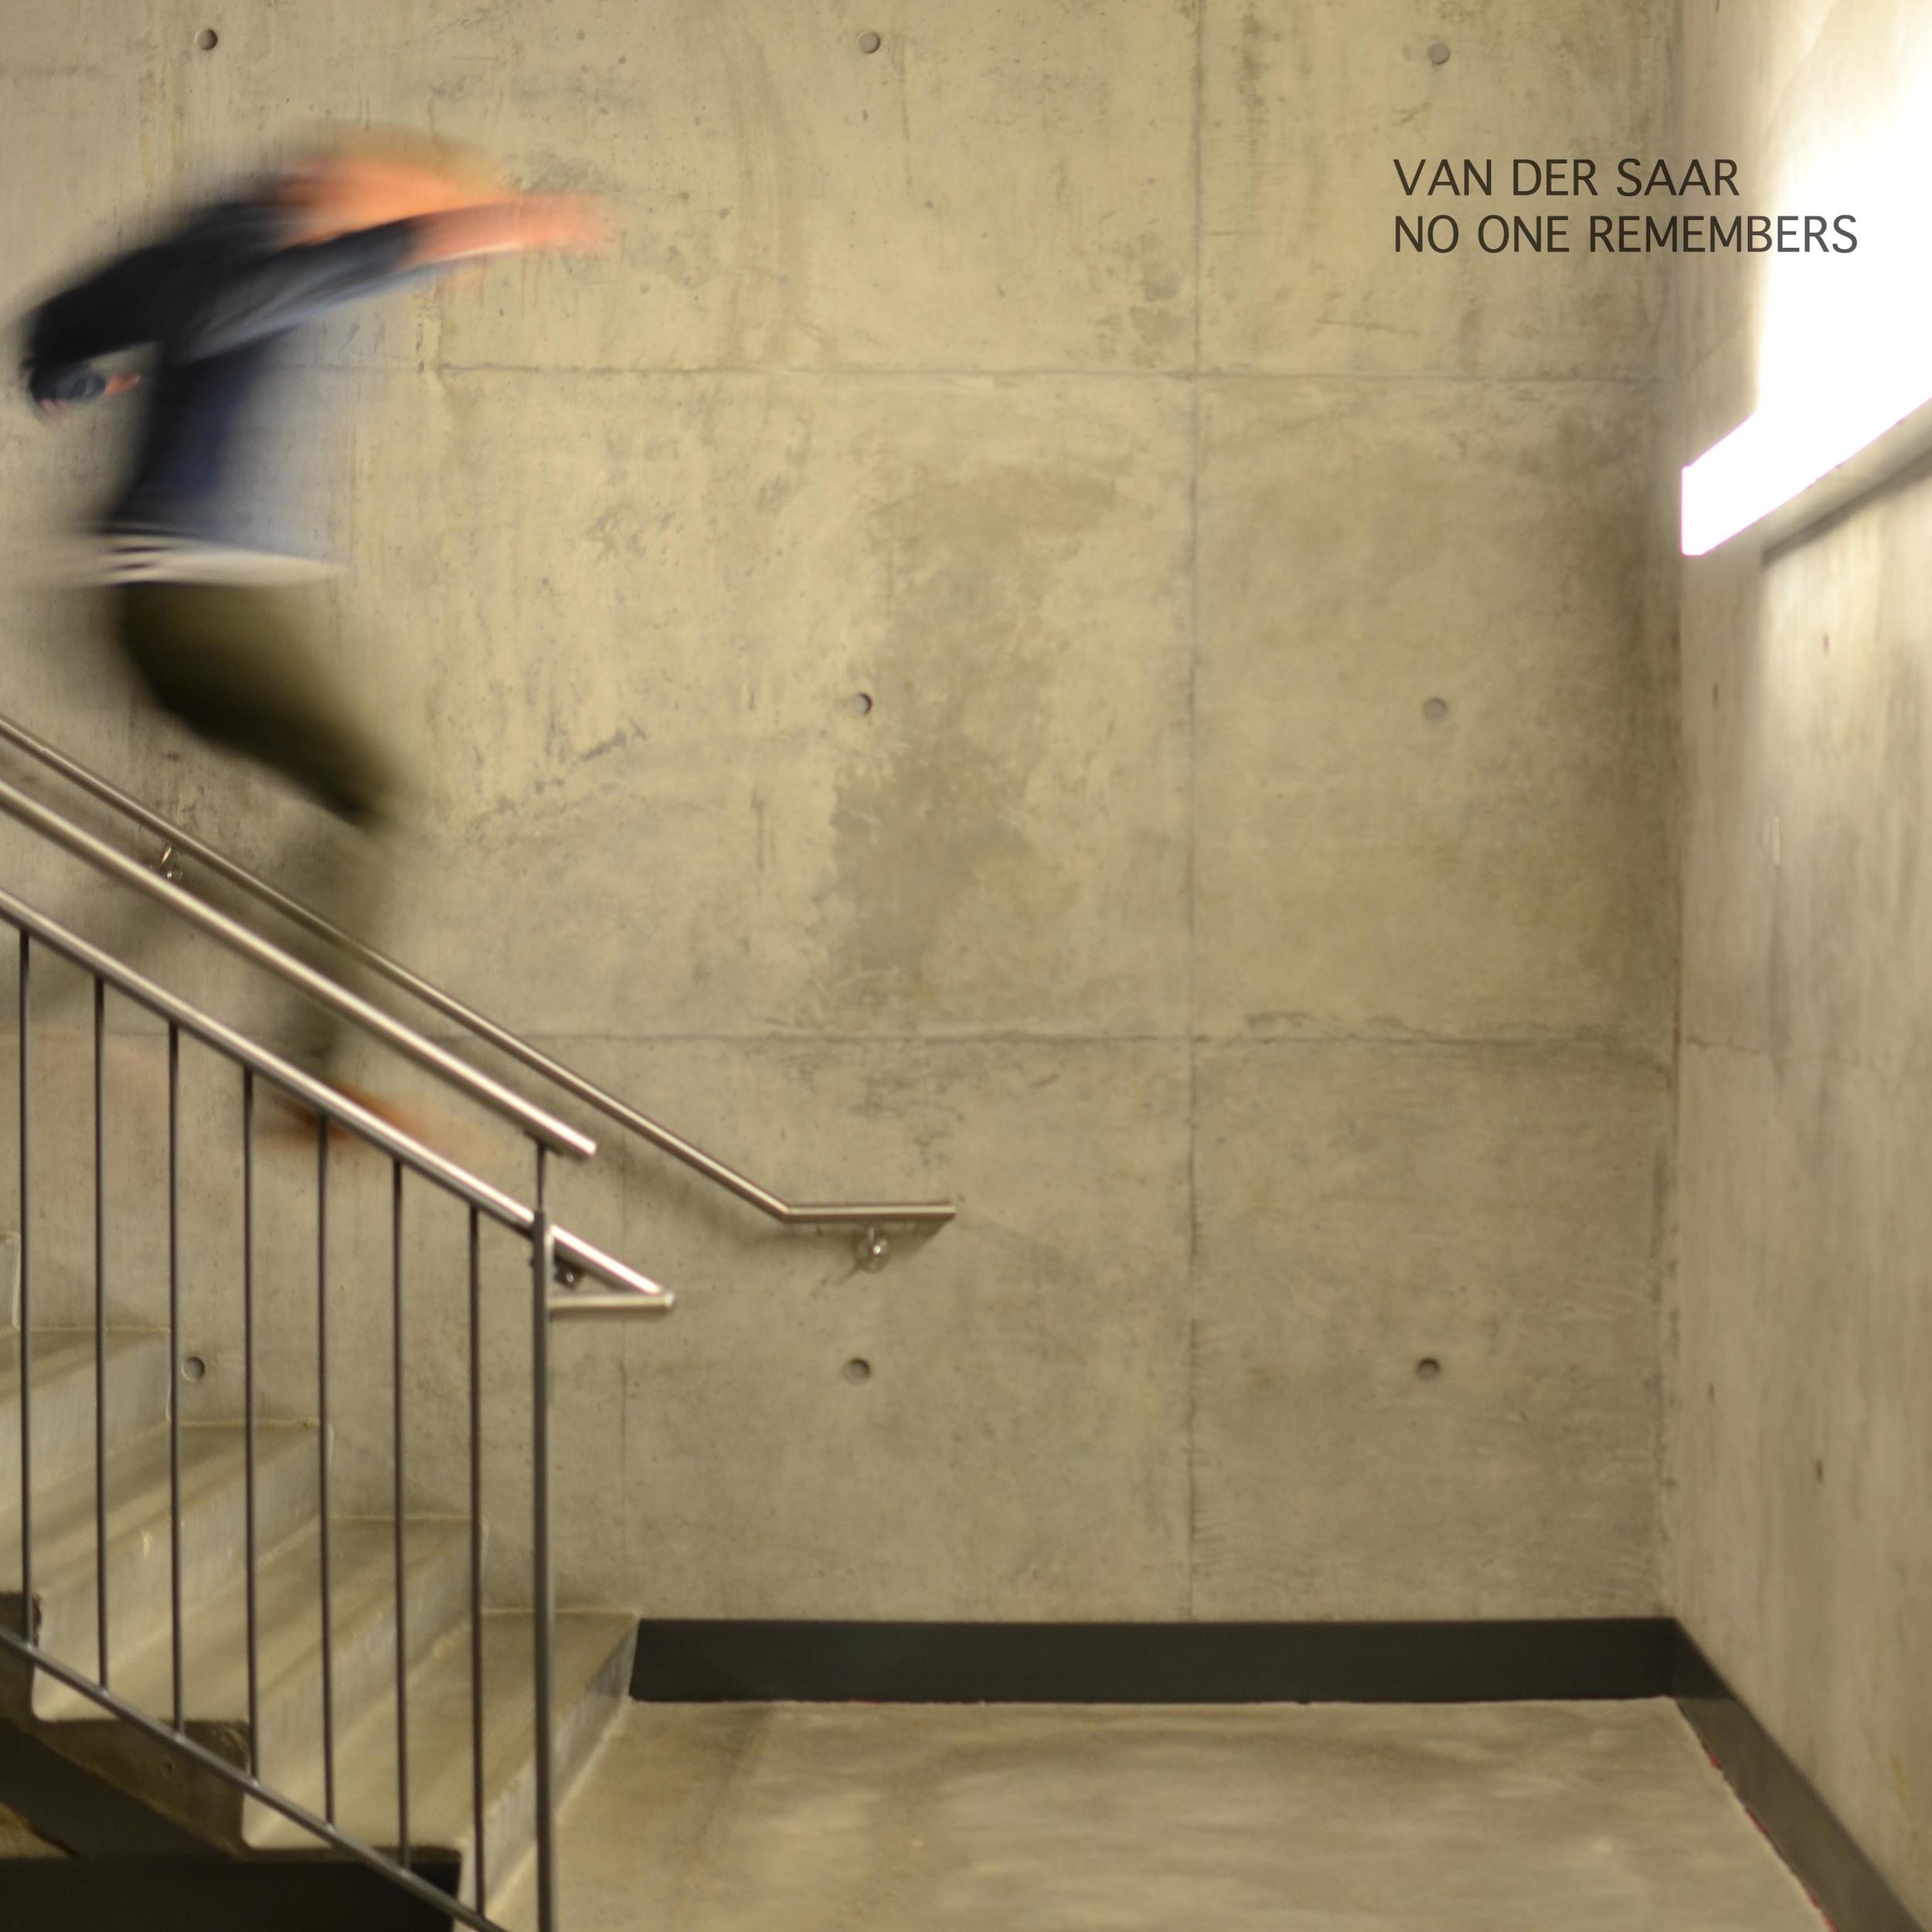 Van der Saar